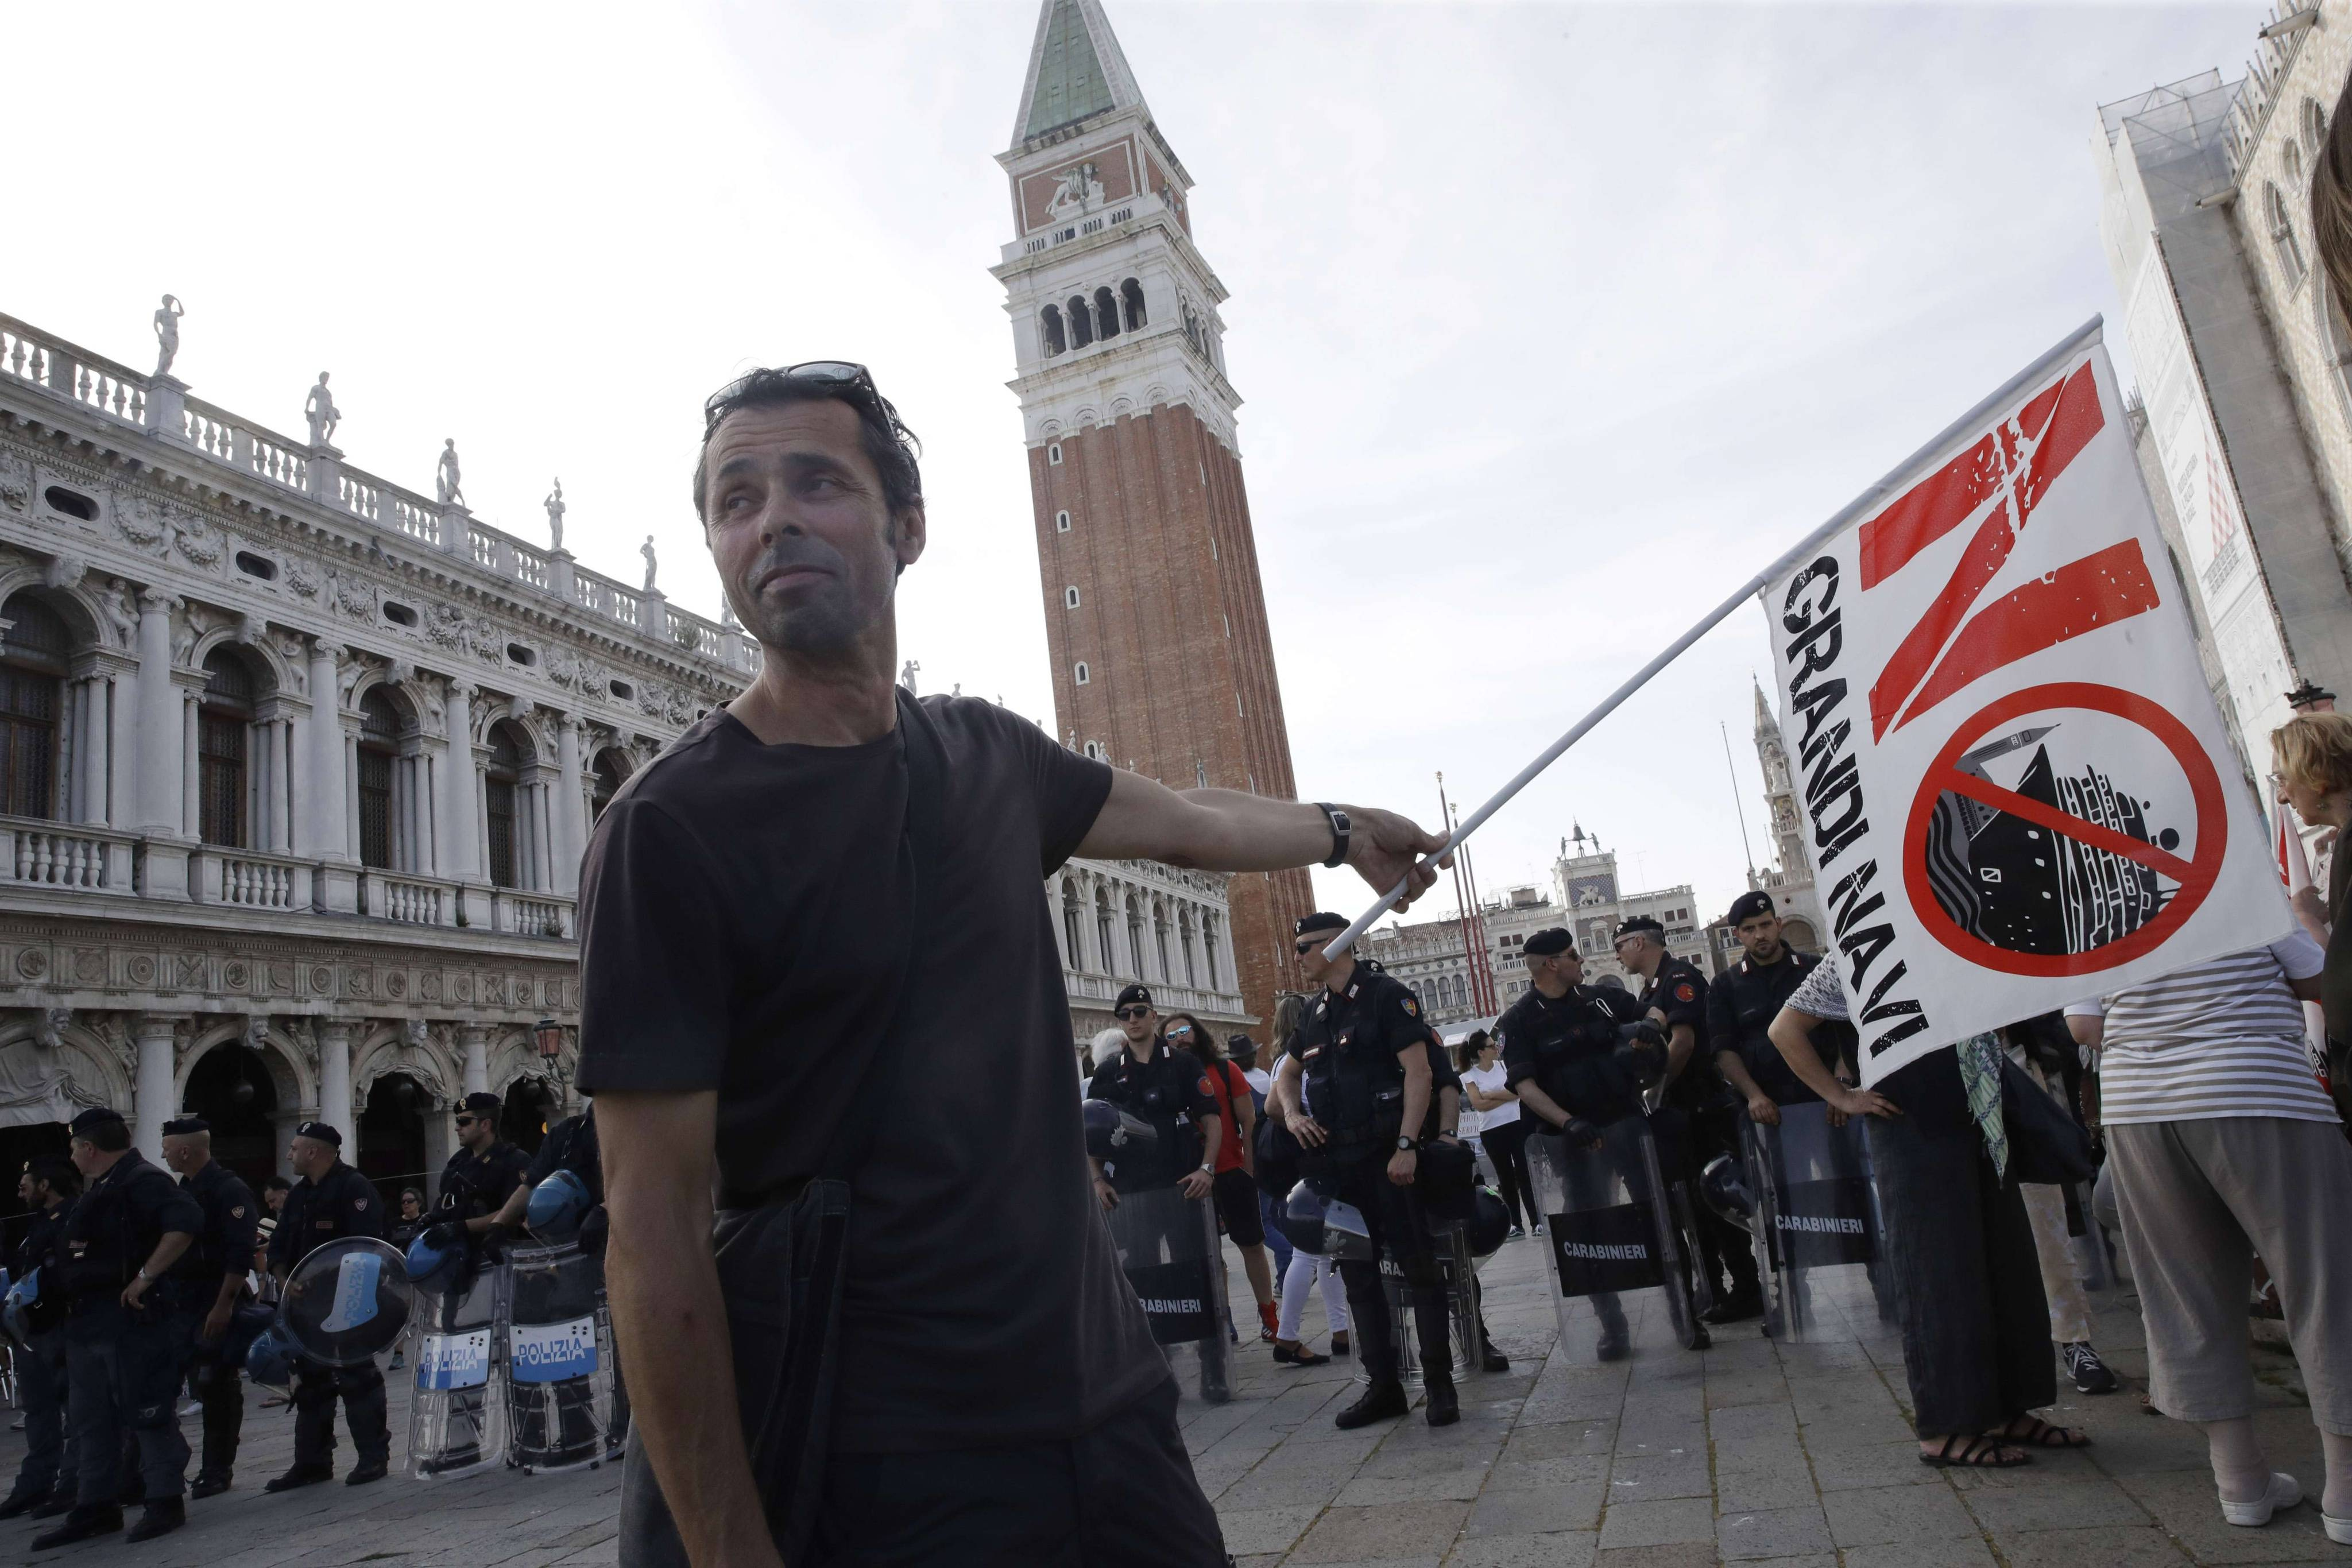 A Venise, les habitants ne veulent plus des bateaux de croisière et l'ont vivement manifesté.